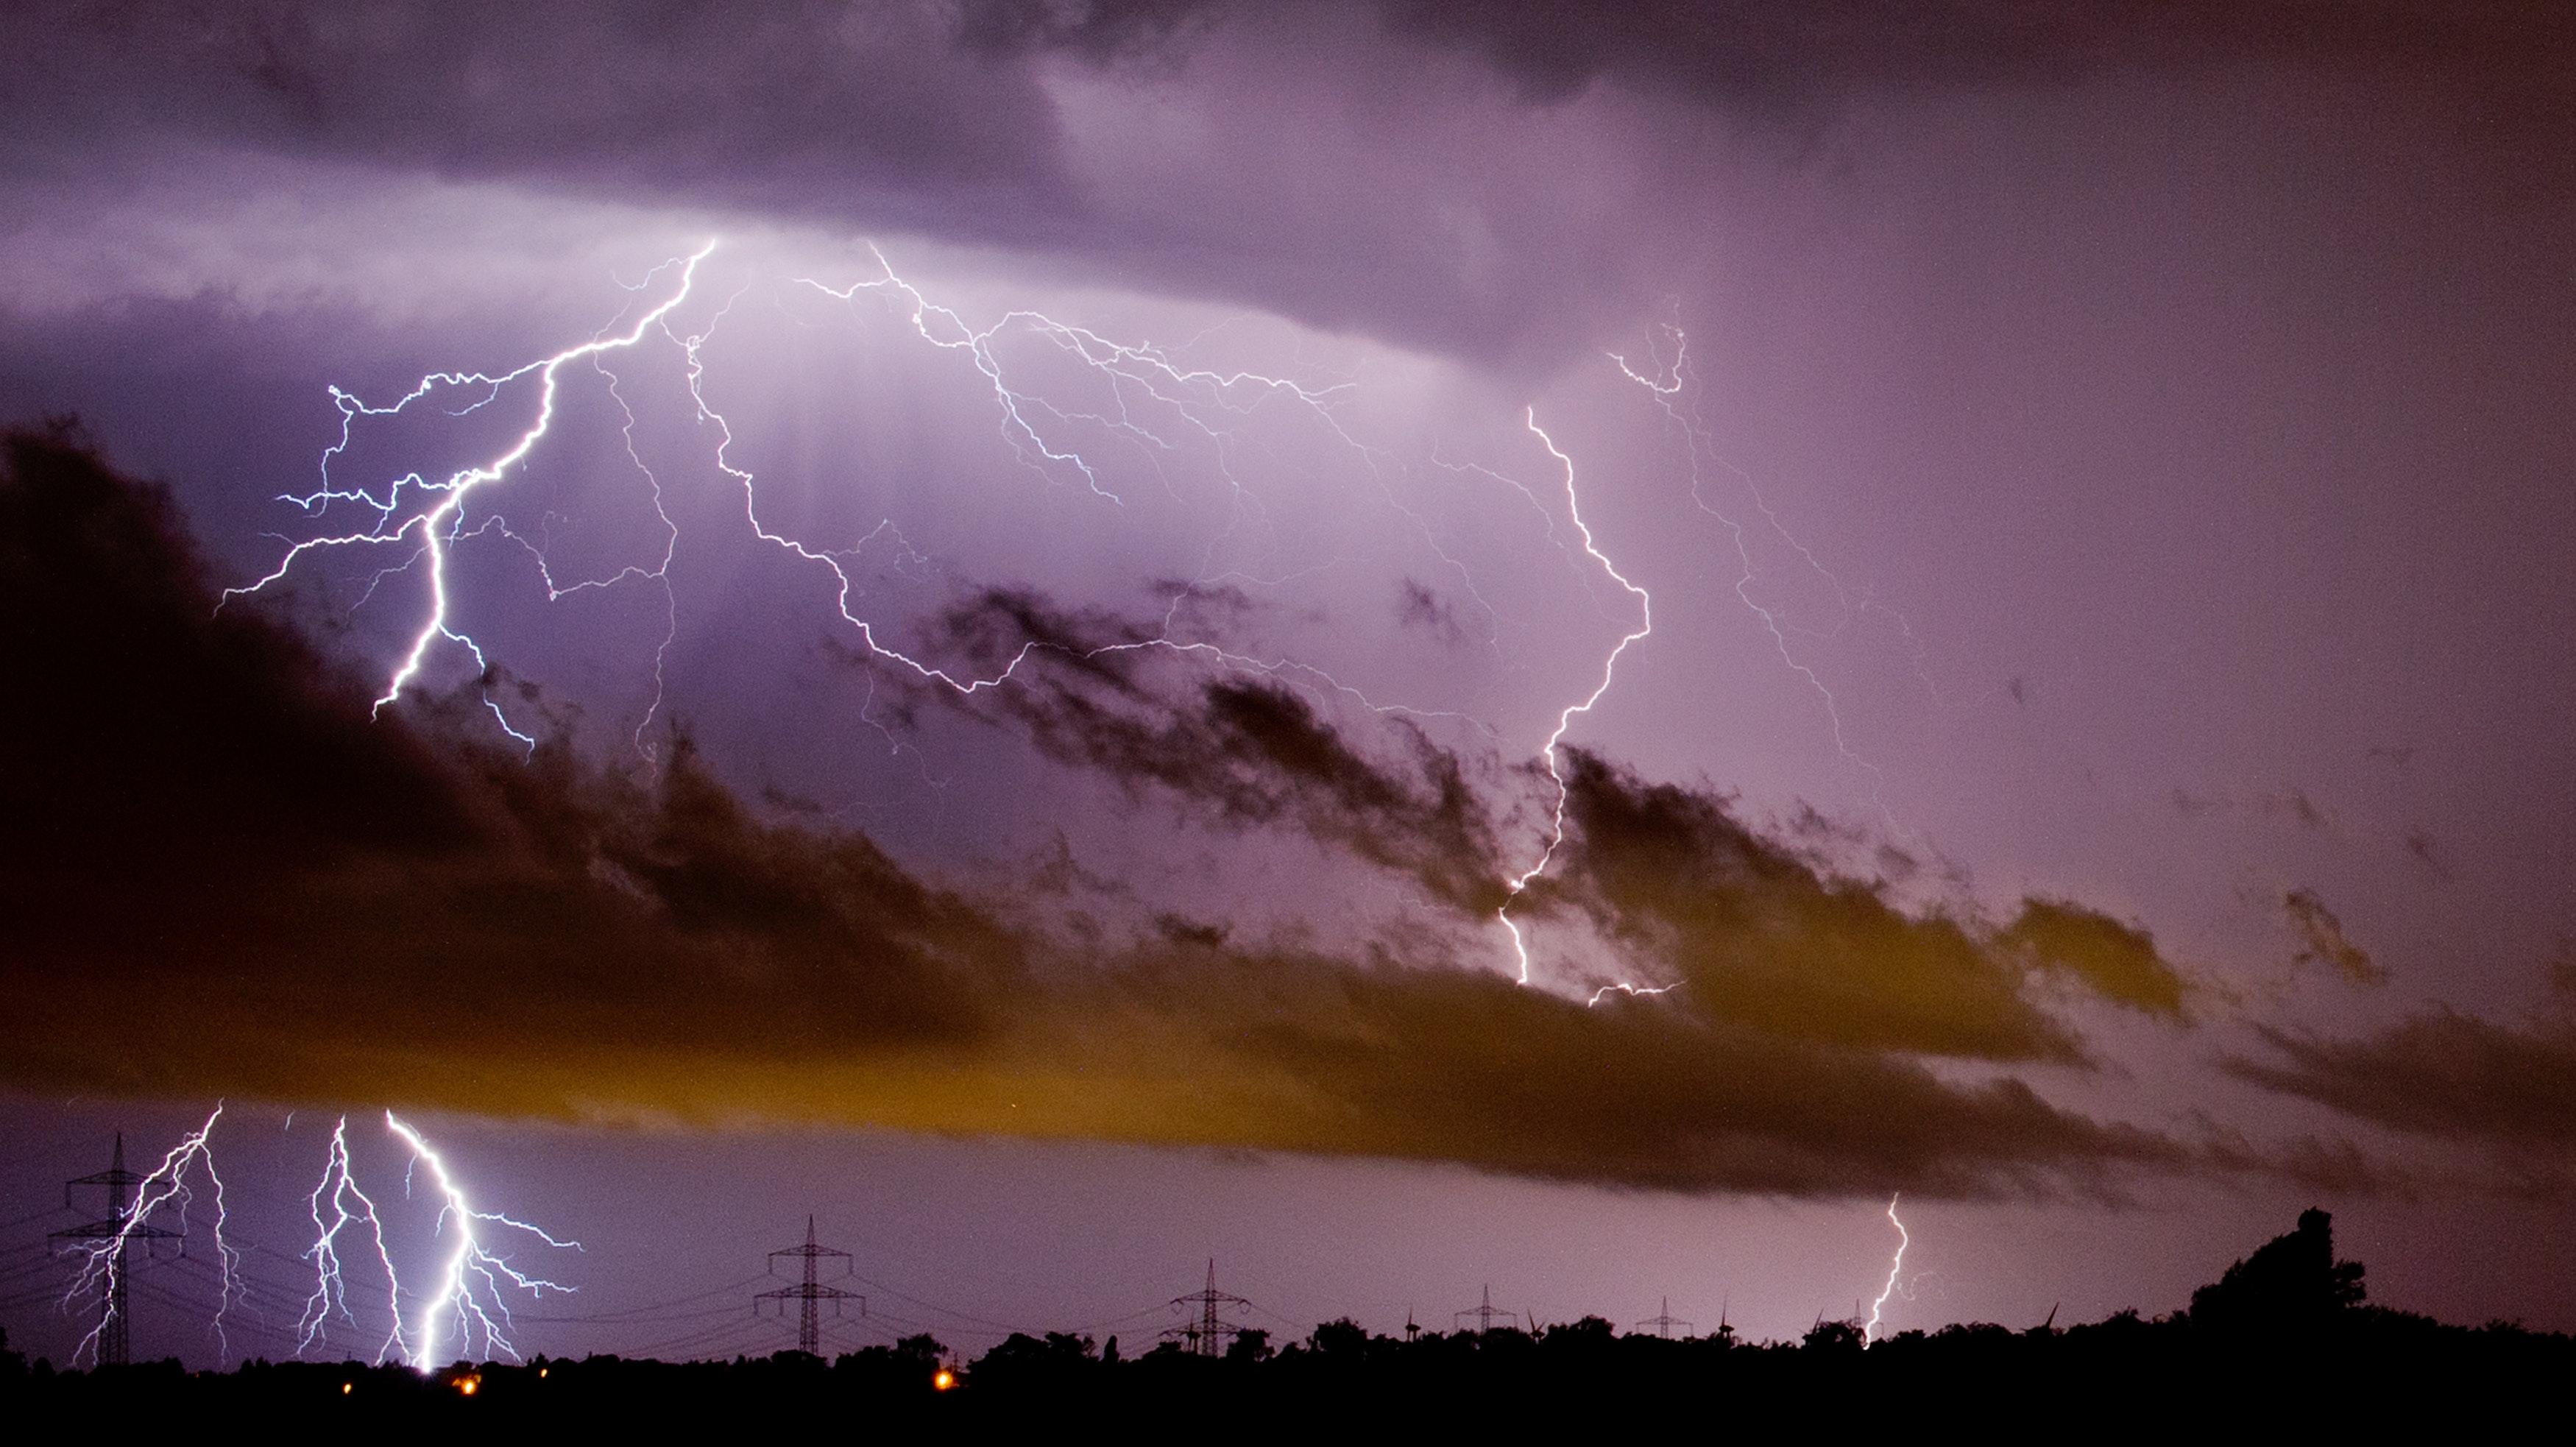 Gewaltiges Naturschauspiel: Im Oldenburger Münsterland waren derartige Blitzereignisse zuletzt aber selten. Foto: dpa/Stratenschulte